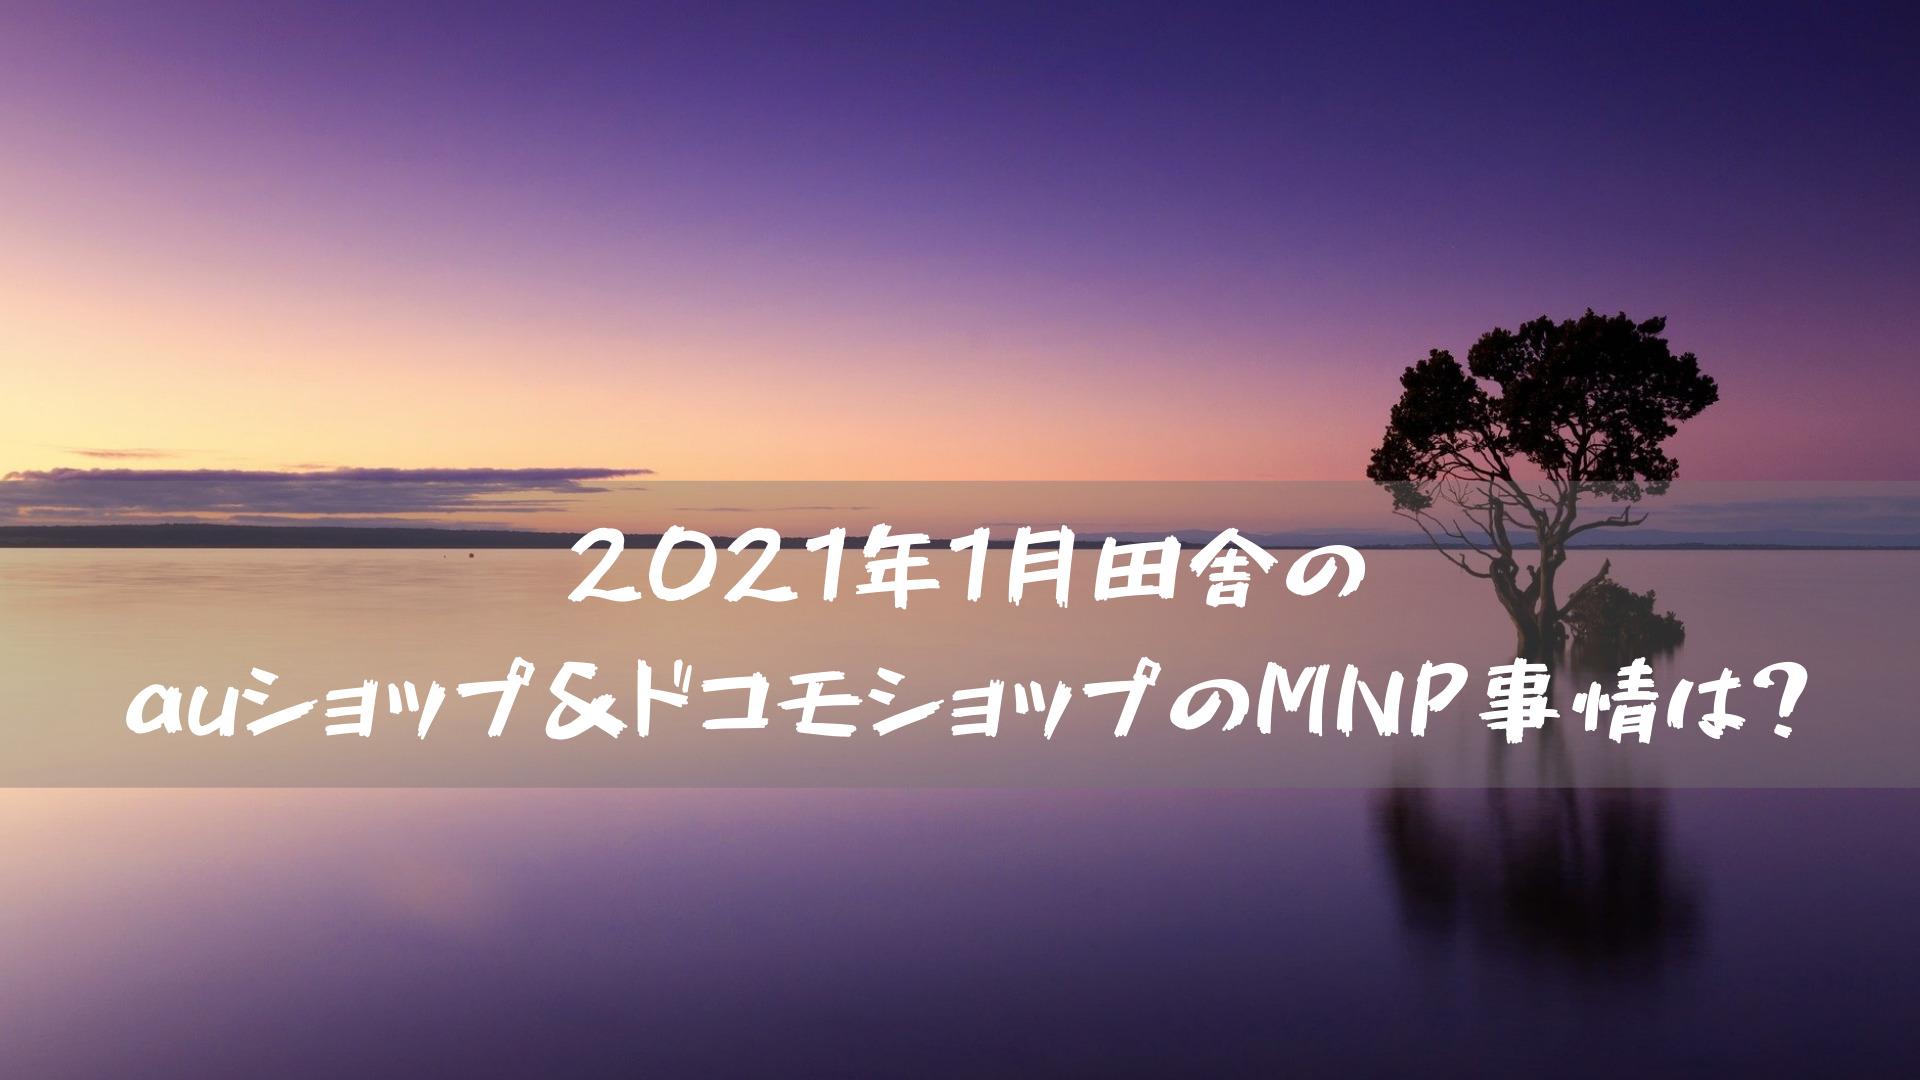 2021年1月田舎のauショップ&ドコモショップのMNP事情は?